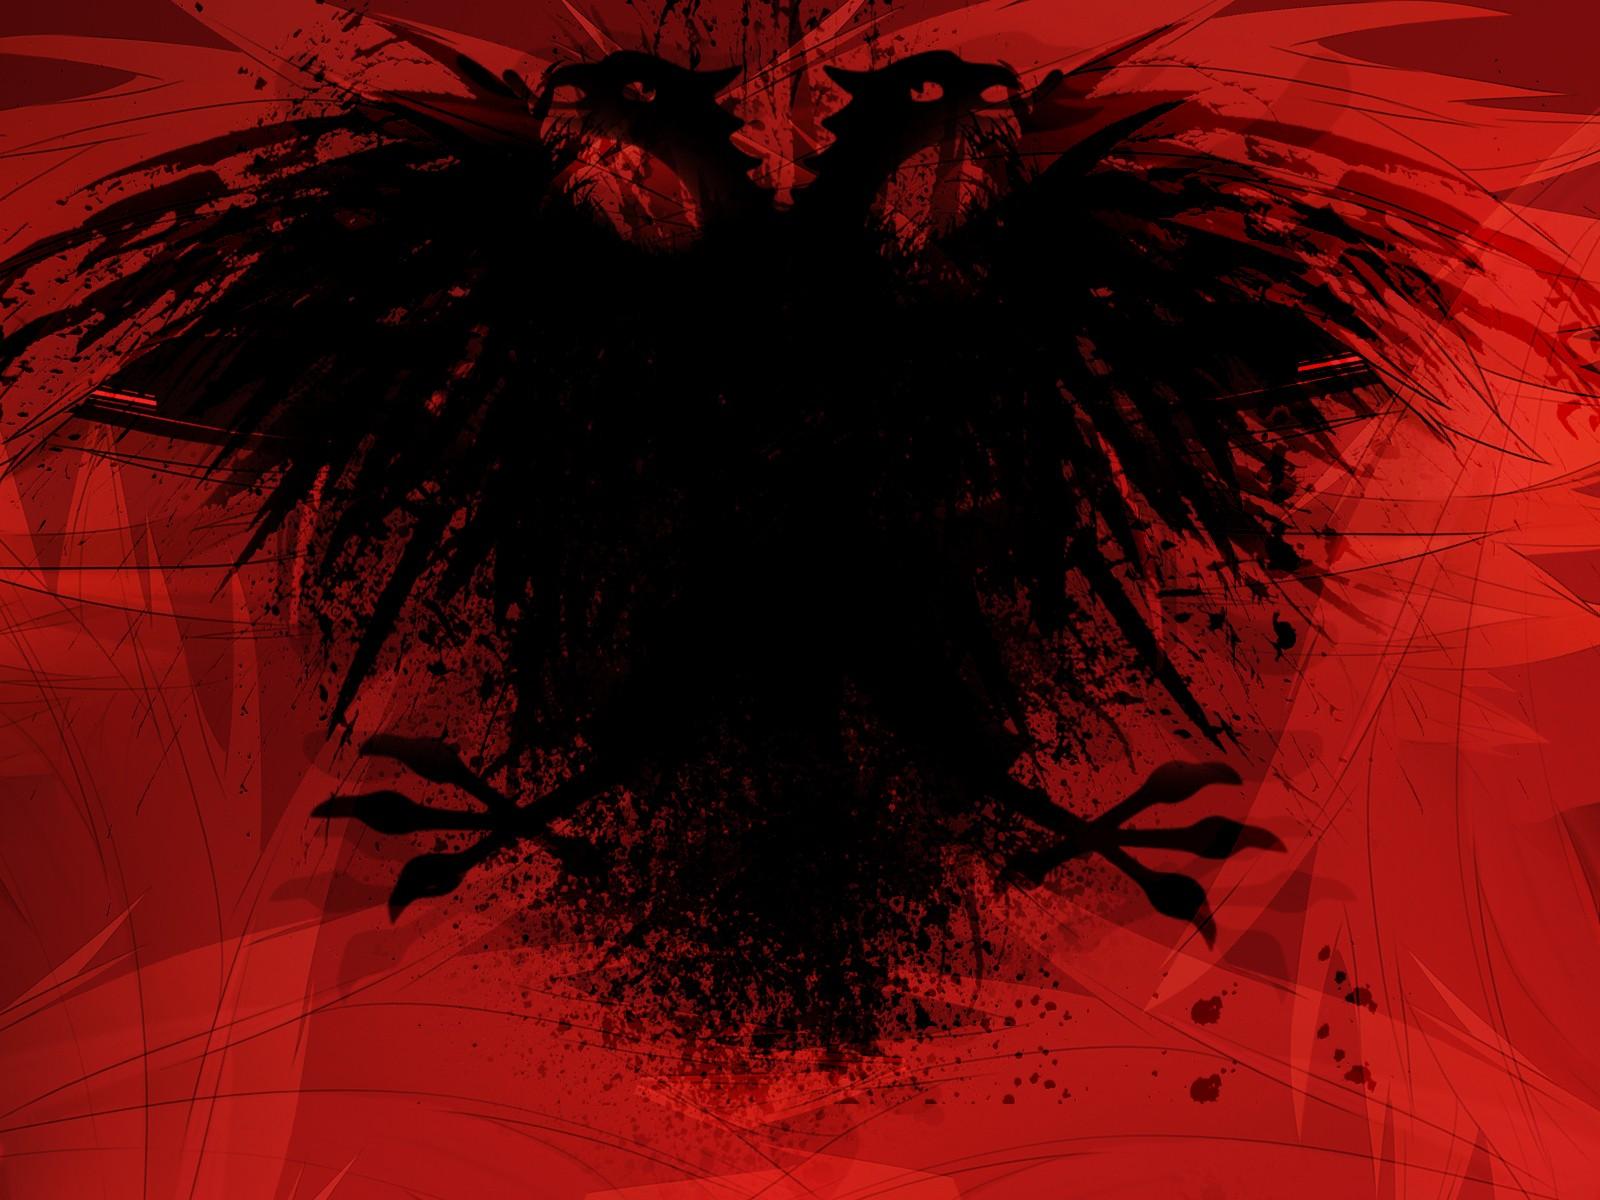 Sfondi Illustrazione Rosso Simmetria Bandiera Aquila Paesi